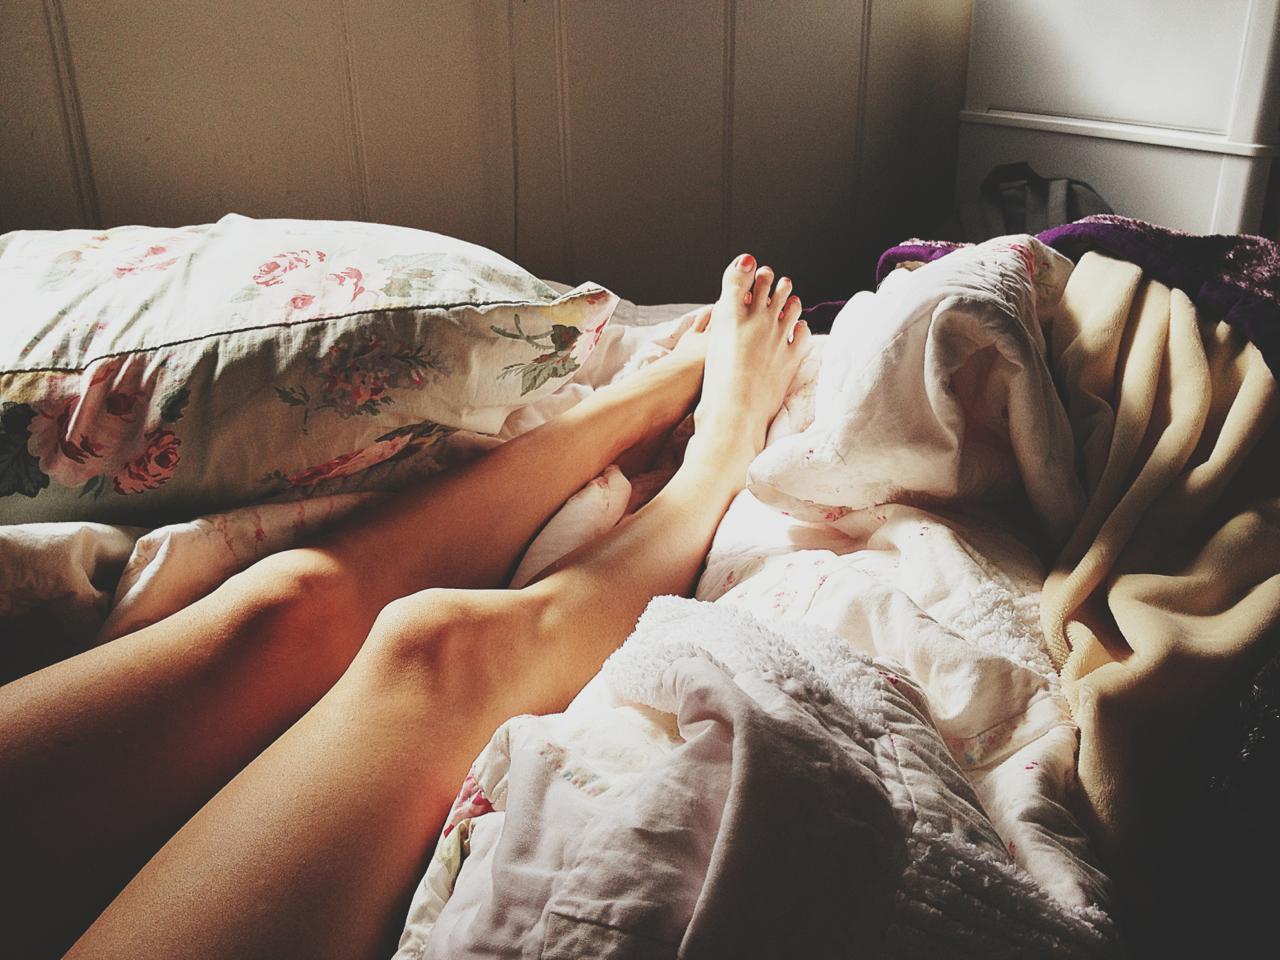 Однако, сонники советуют детально вспомнить увиденный сон - где, как и на чем вам пришлось лежать во сне.